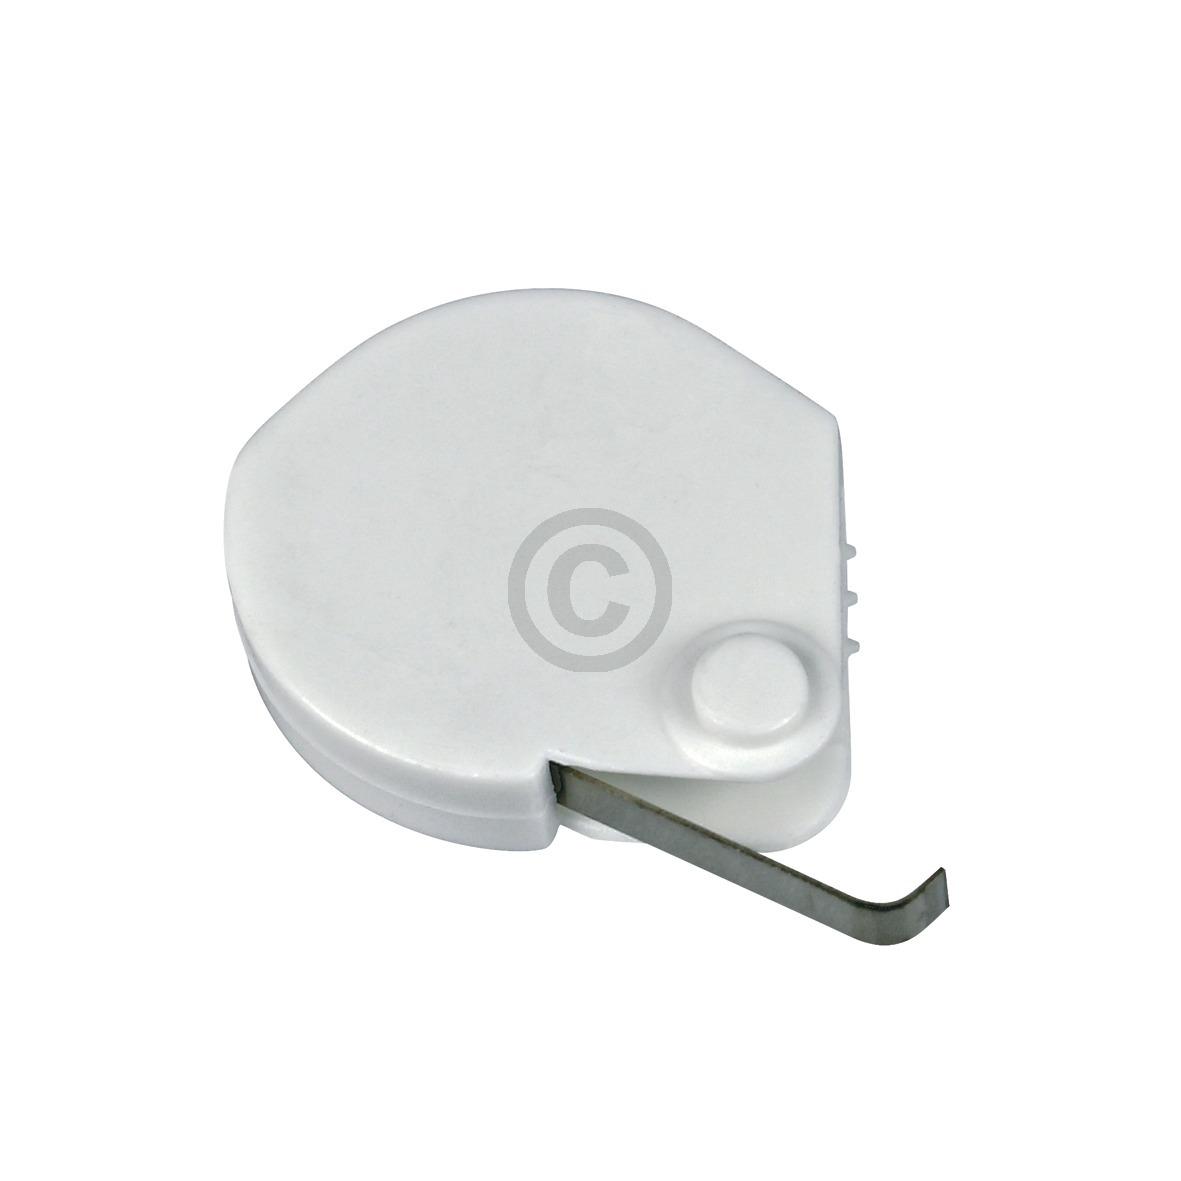 Schaltelement fürs Licht 00029486 029486 Bosch, Siemens, Neff